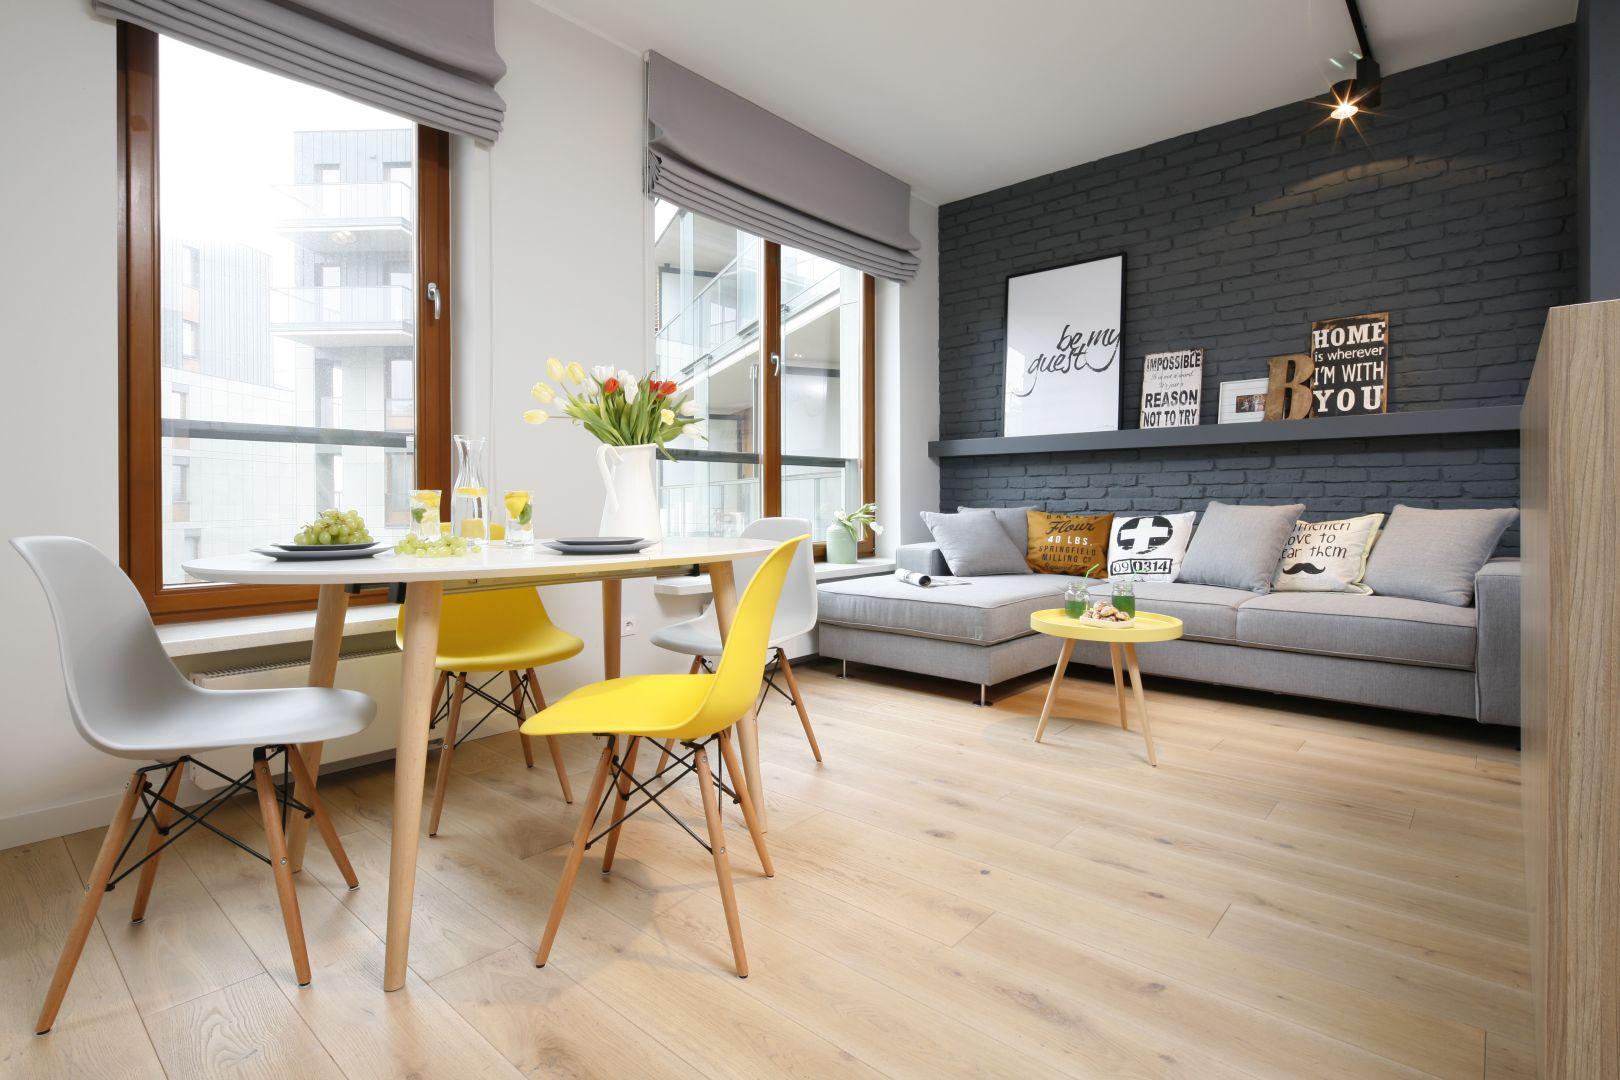 Mała jadalnia znajduje się przy dużym oknie. Kolorowe krzesła wyglądają super. Projekt Ola Kołodziej, Ula Szmyt